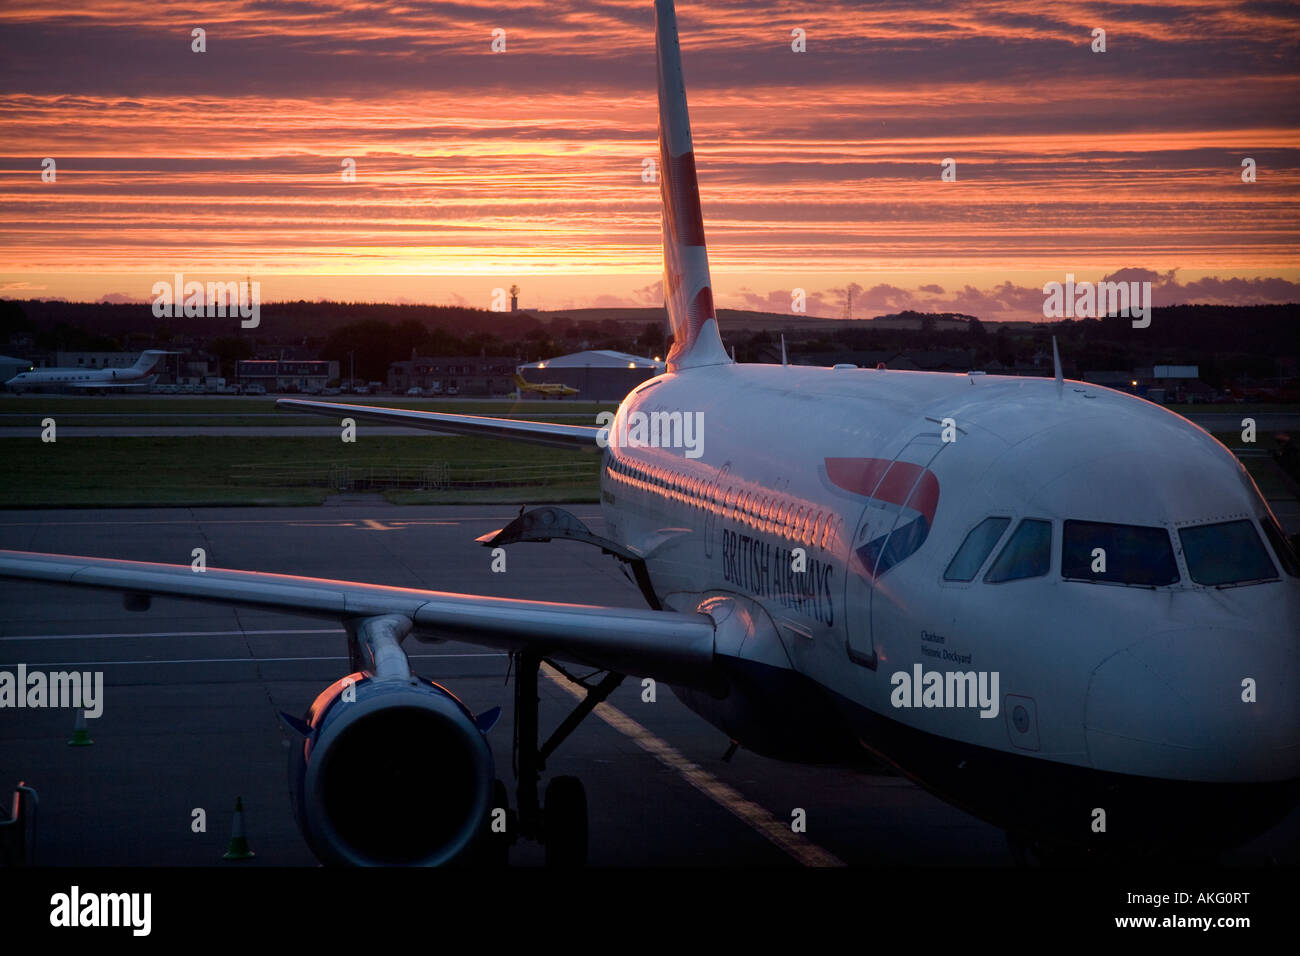 Aube sur British Airways Airbus A319-131 G-MPUE Cran-gevrier (21451) avion à l'aéroport d'Aberdeen, Photo Stock